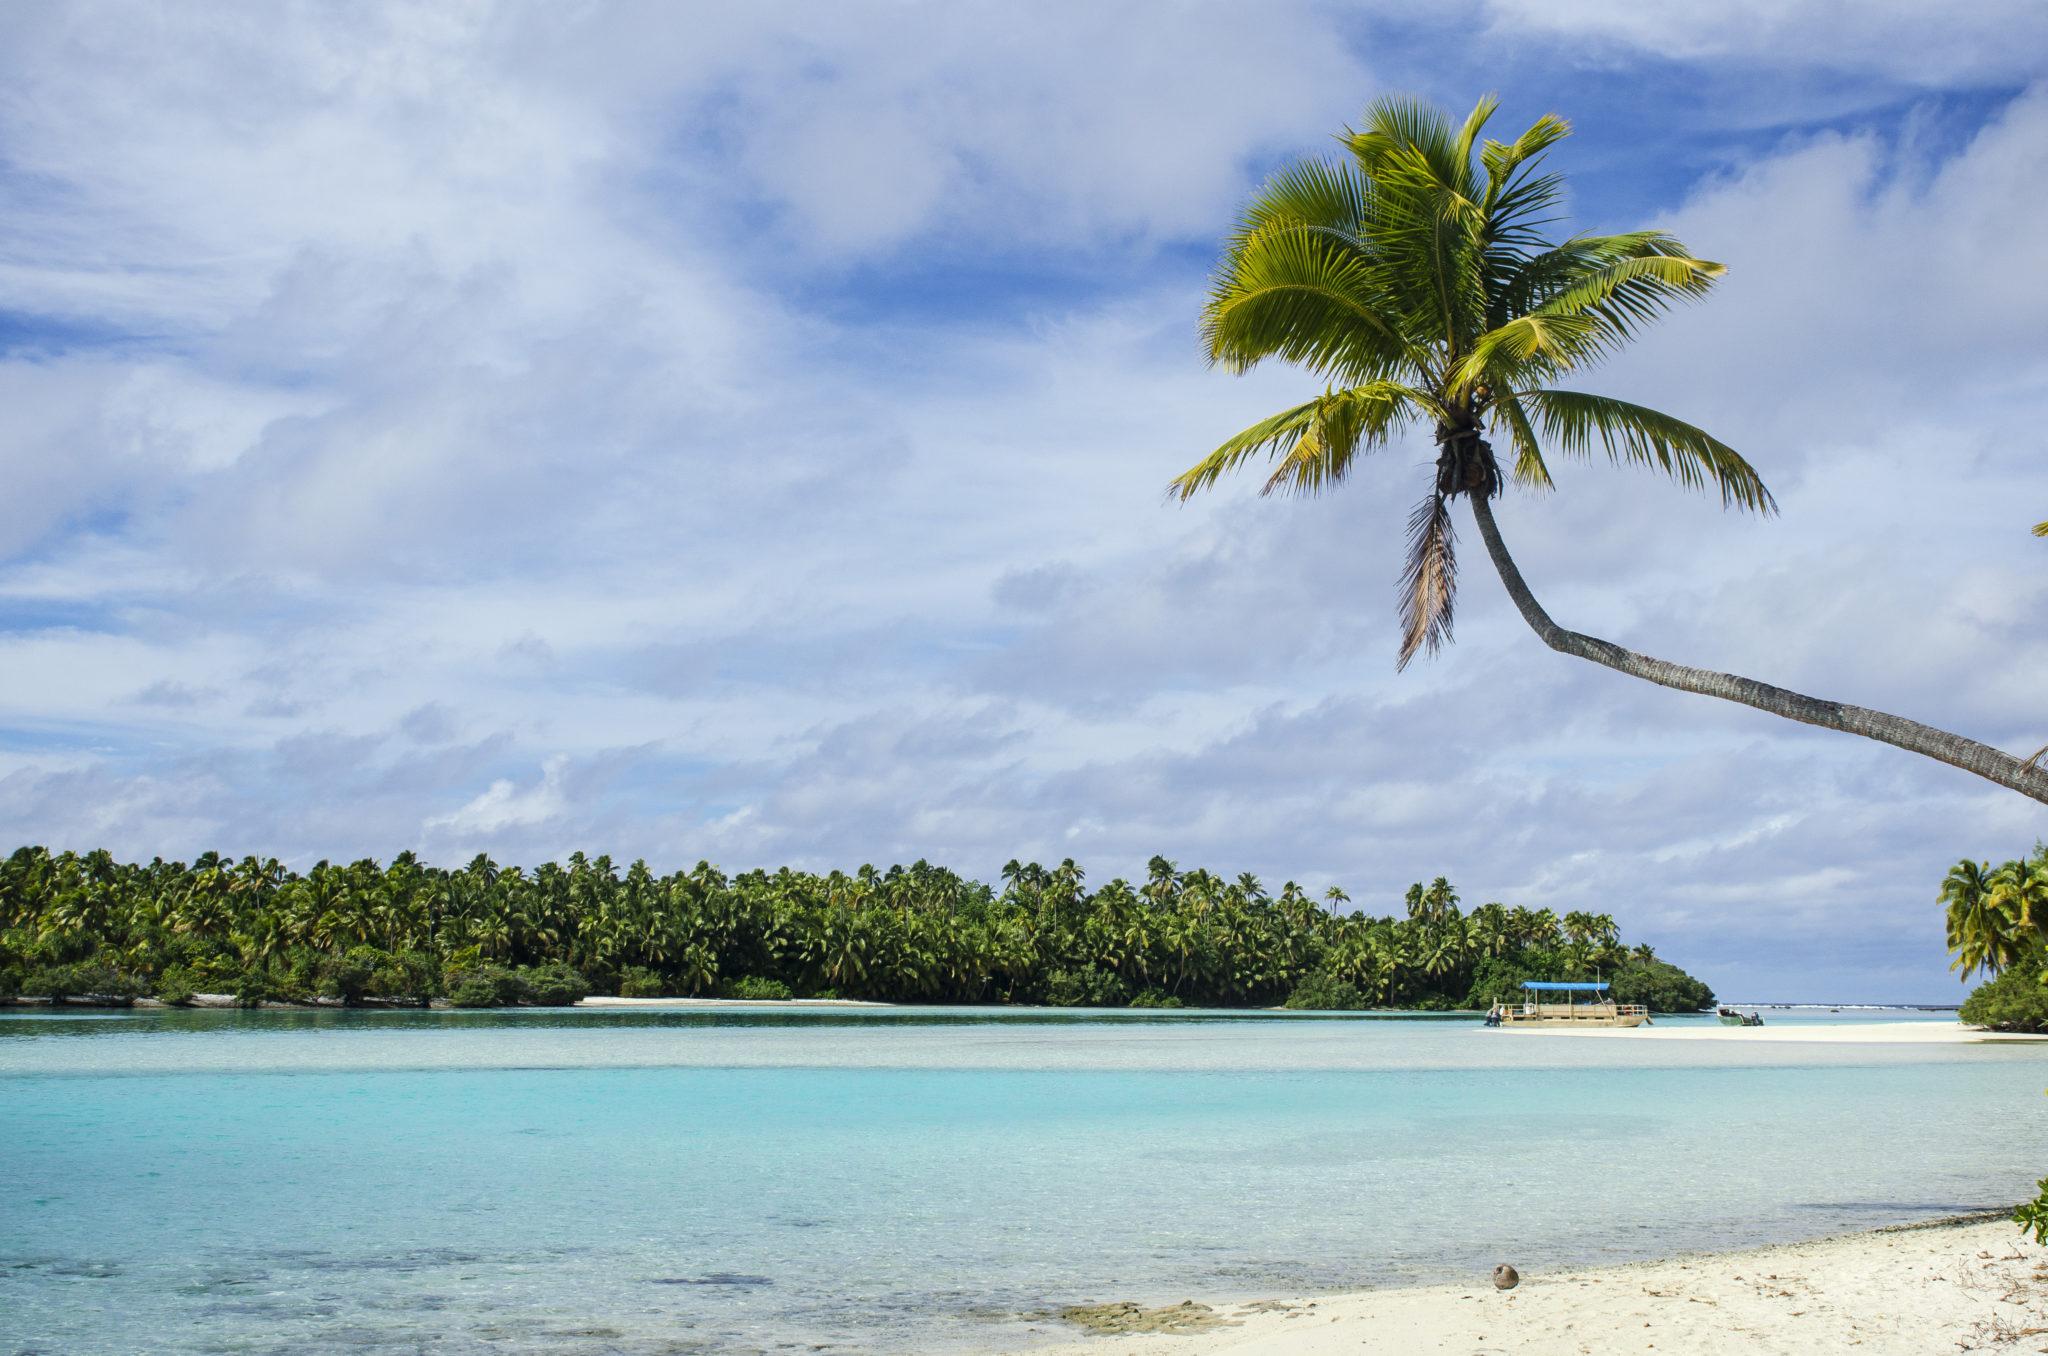 Aitutaki-Cook-Islands-Einzelne-Palme